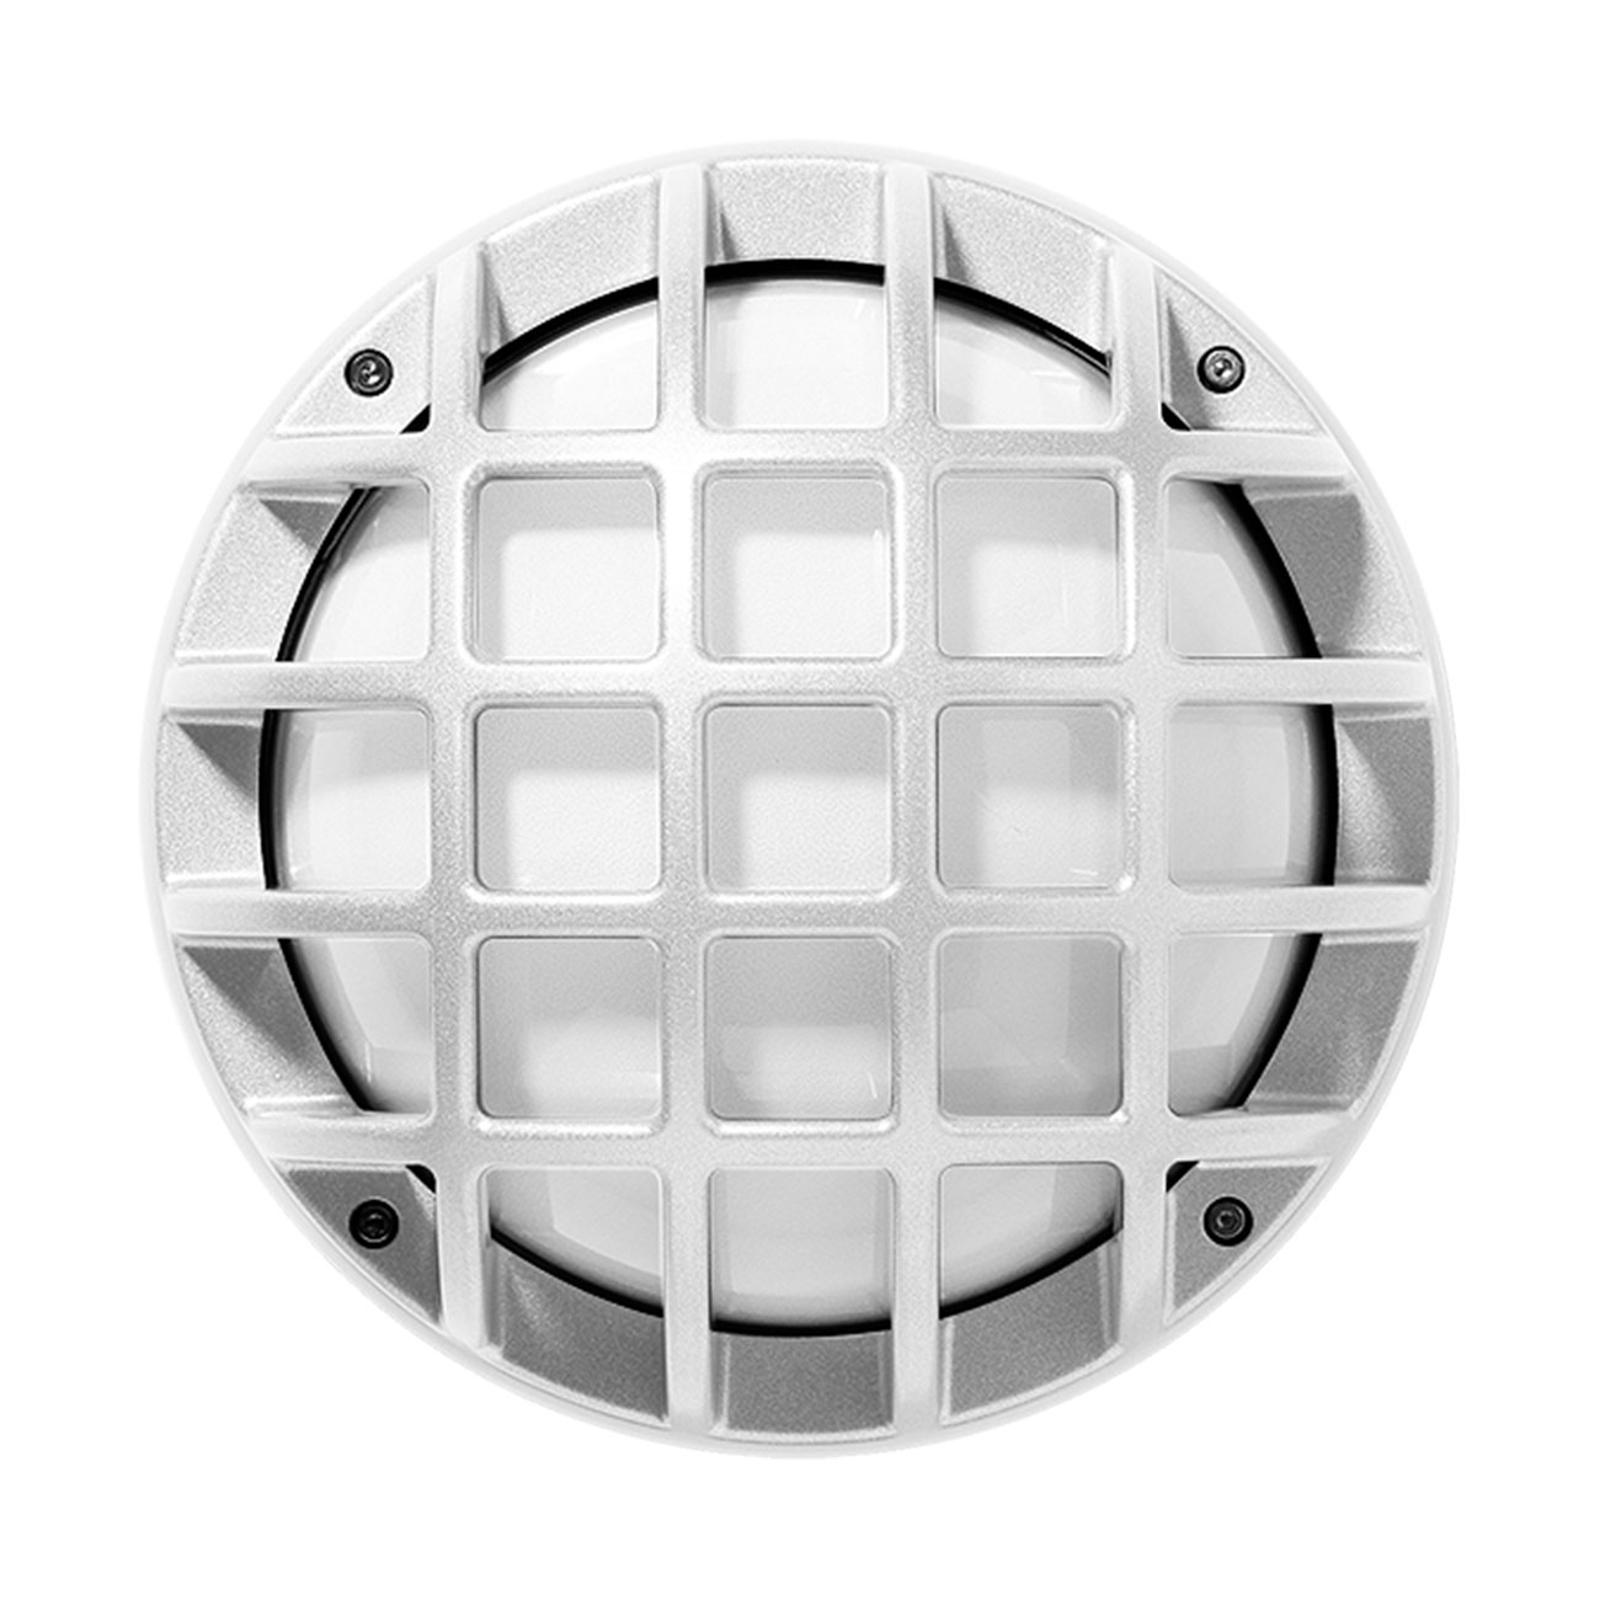 Applique esterni Eko+21/G, E27, bianco strutturato